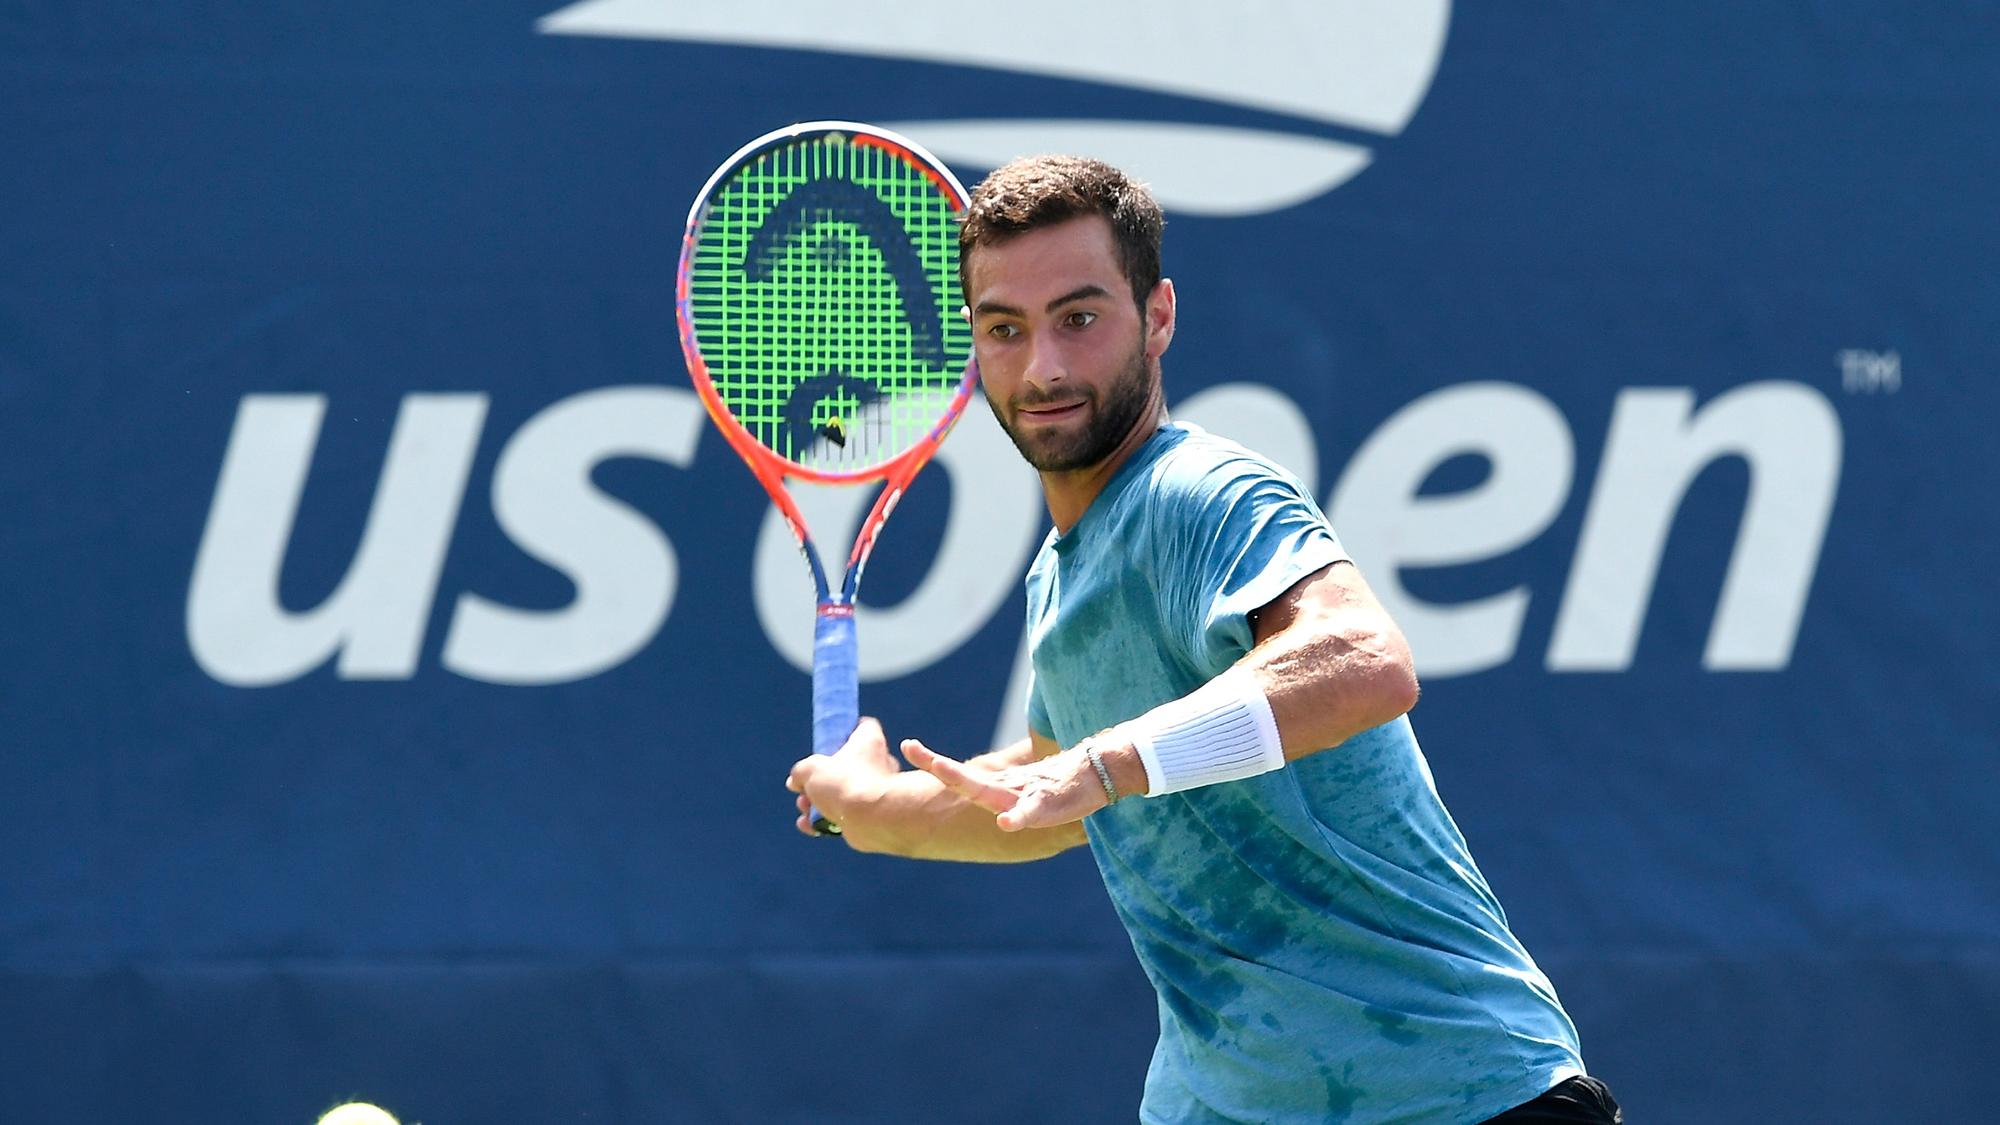 Noah Rubin behind the racquet instagram account